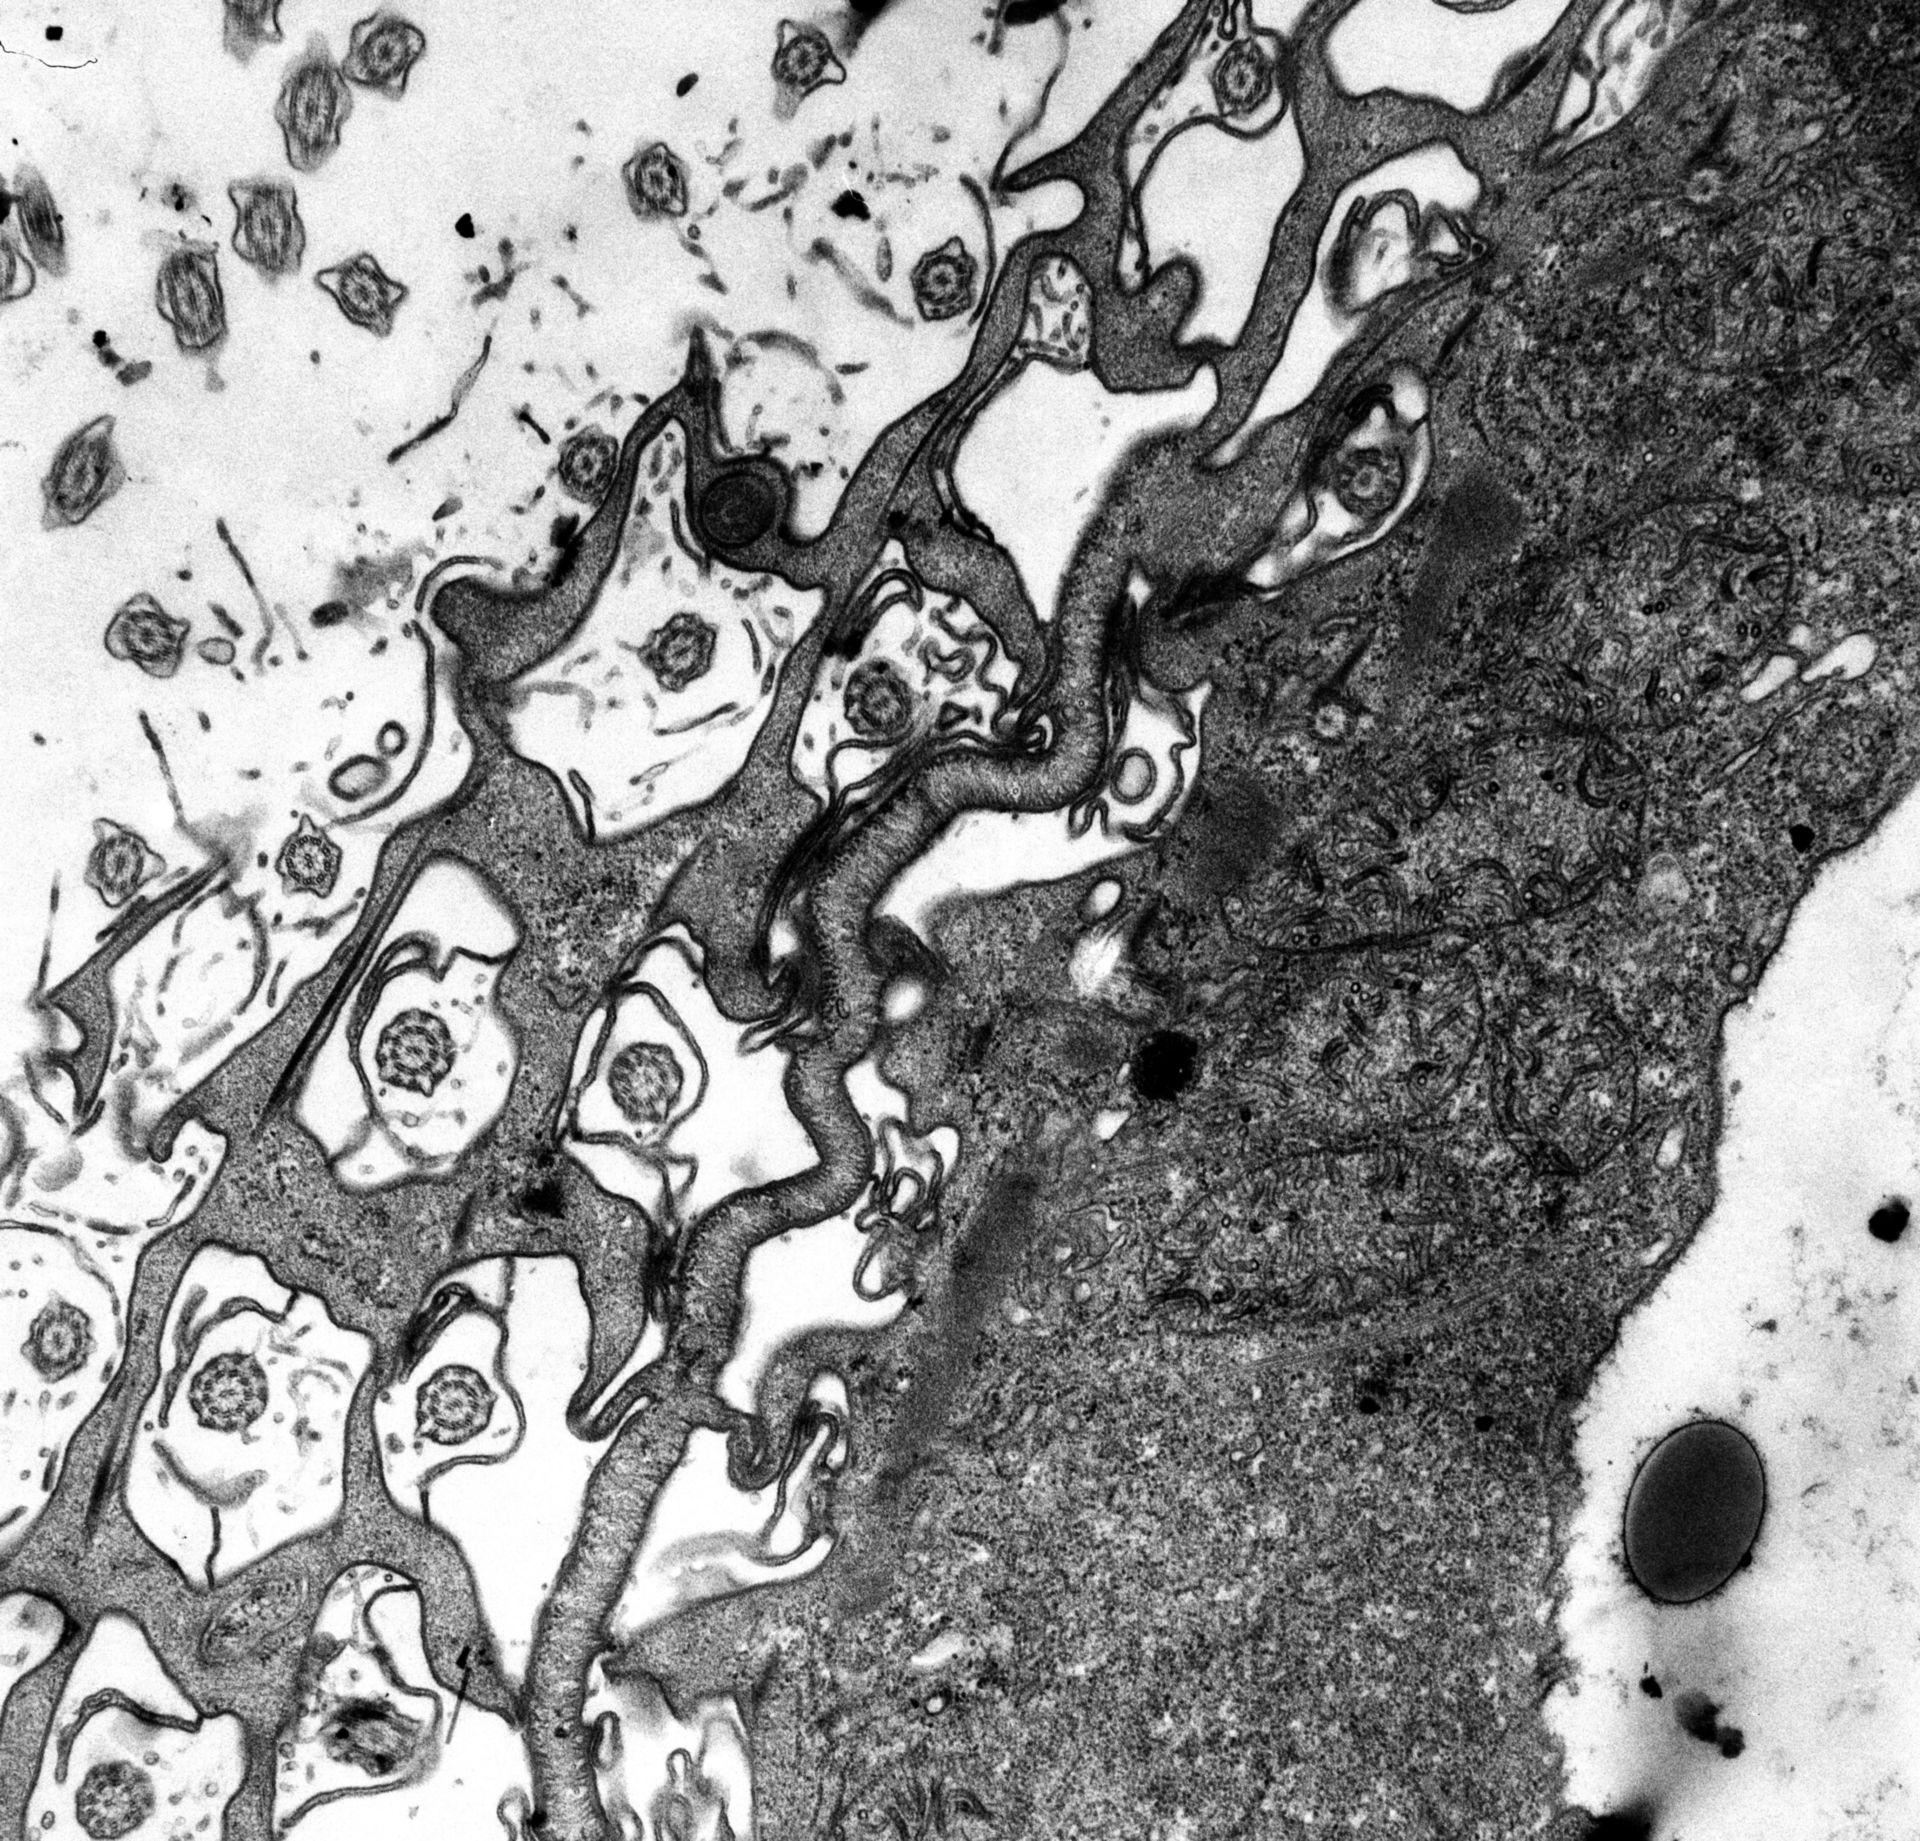 Paramecium multimicronucleatum (citoplasma) - CIL:12343